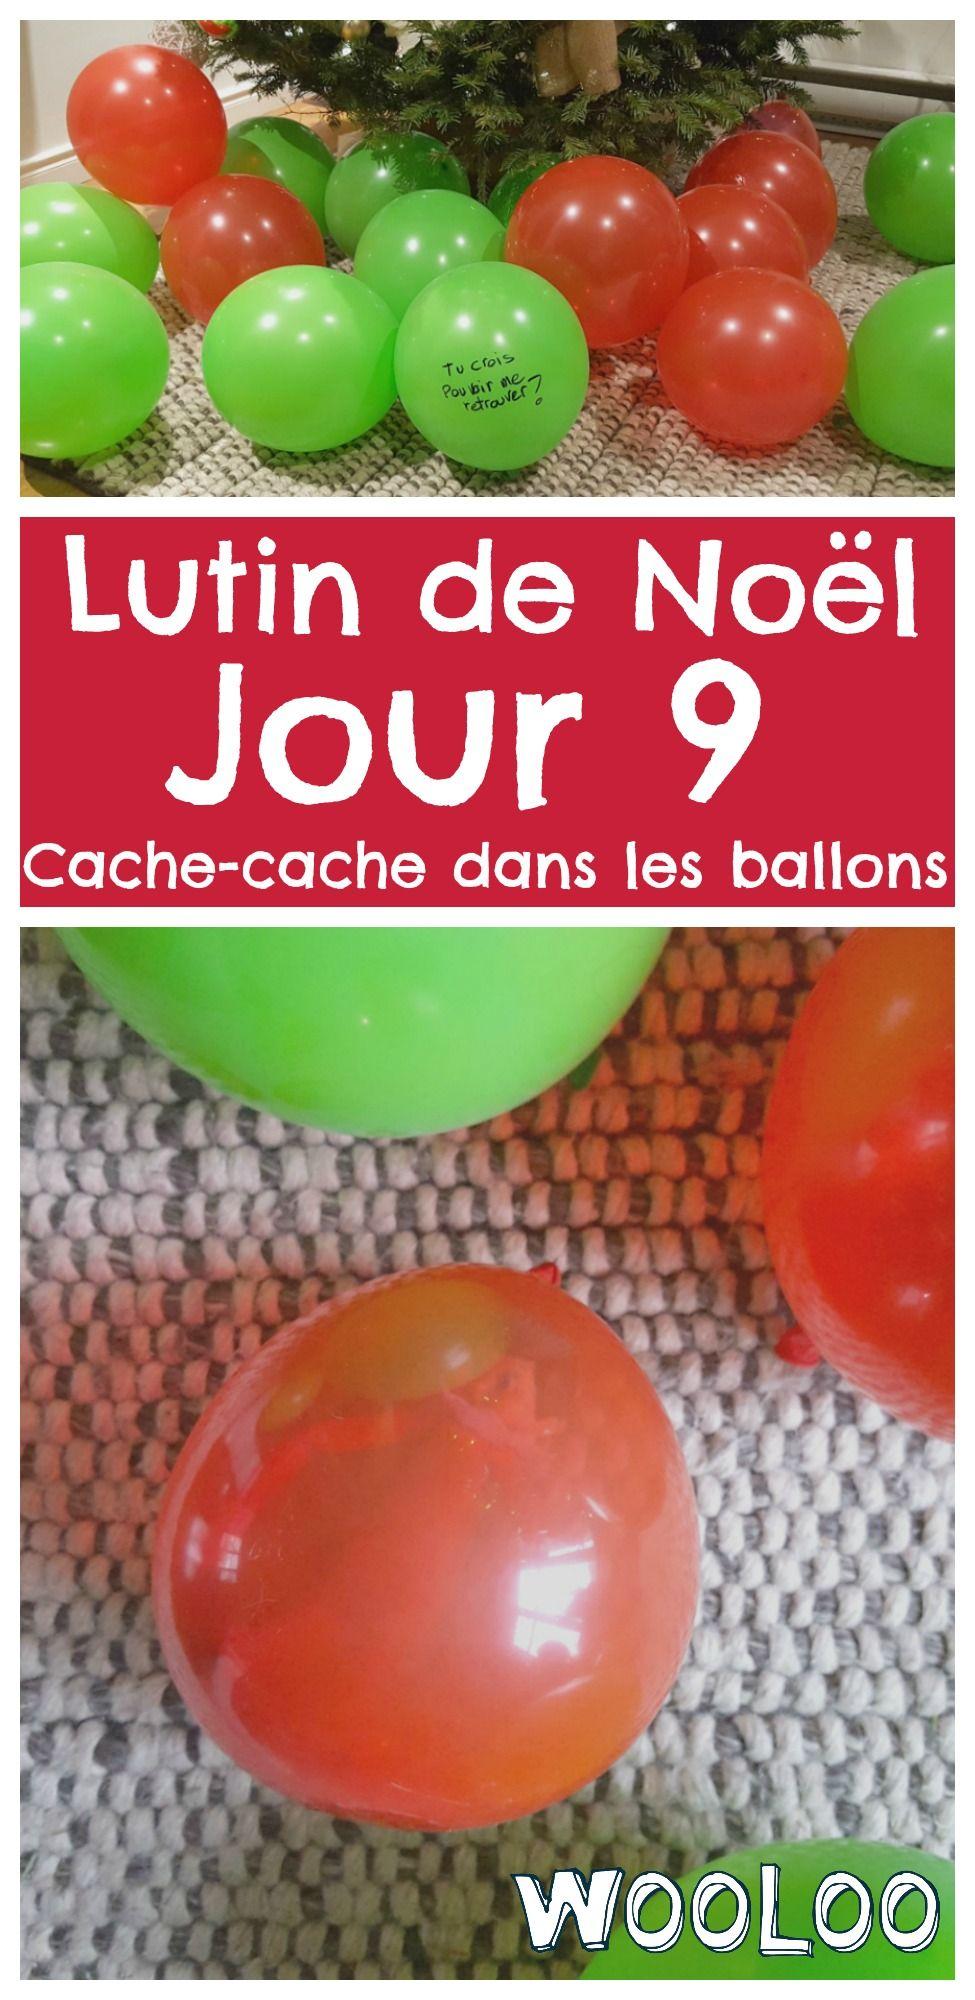 Les lutins jouent à cache-cache dans les ballons! Sauras-tu les retrouver? #lutin #elfontheshelf  #noel #christmas